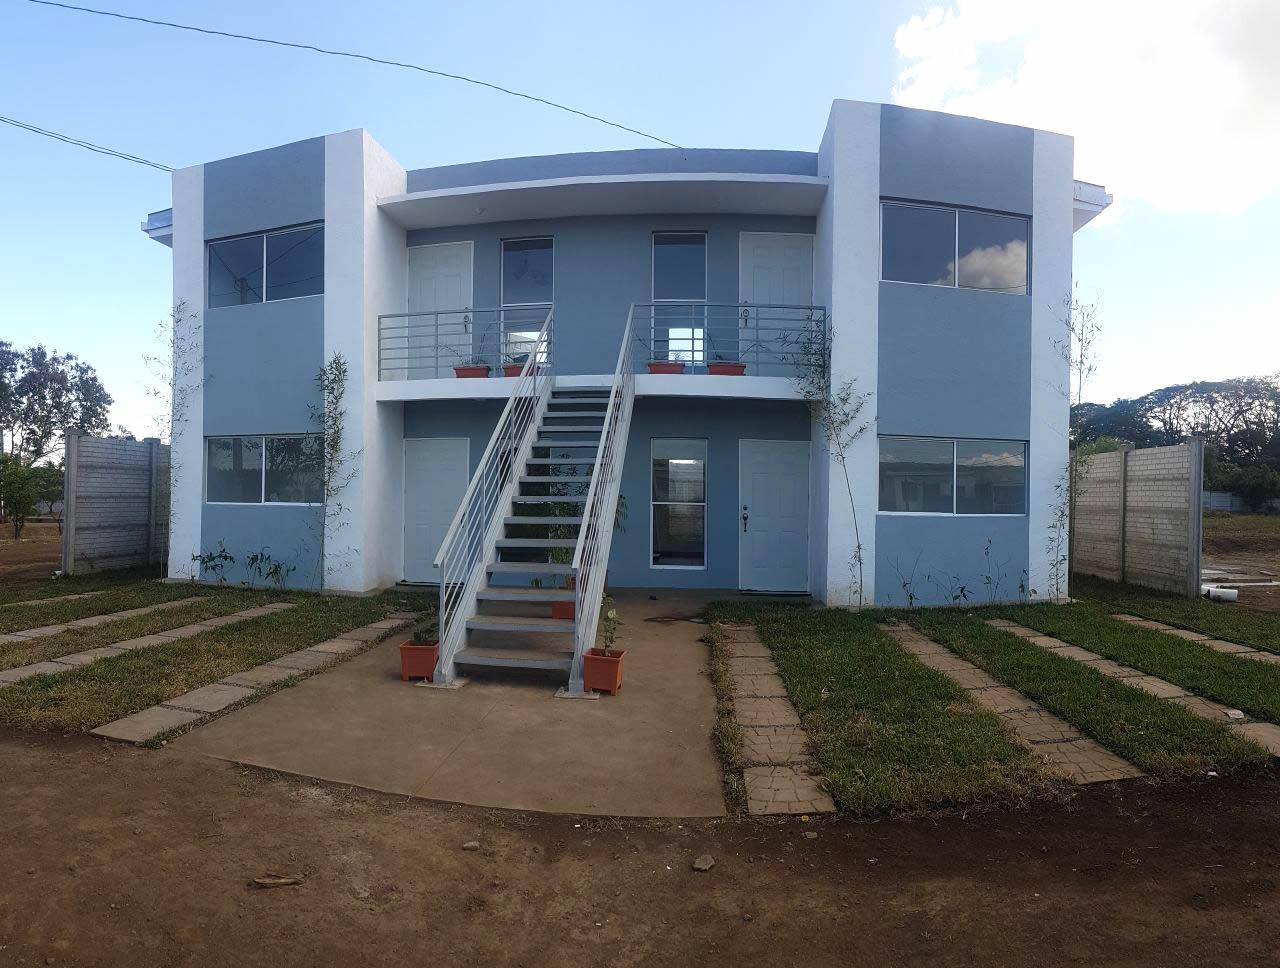 Nicaragua inaugura su primera vivienda de multifamilias en Managua